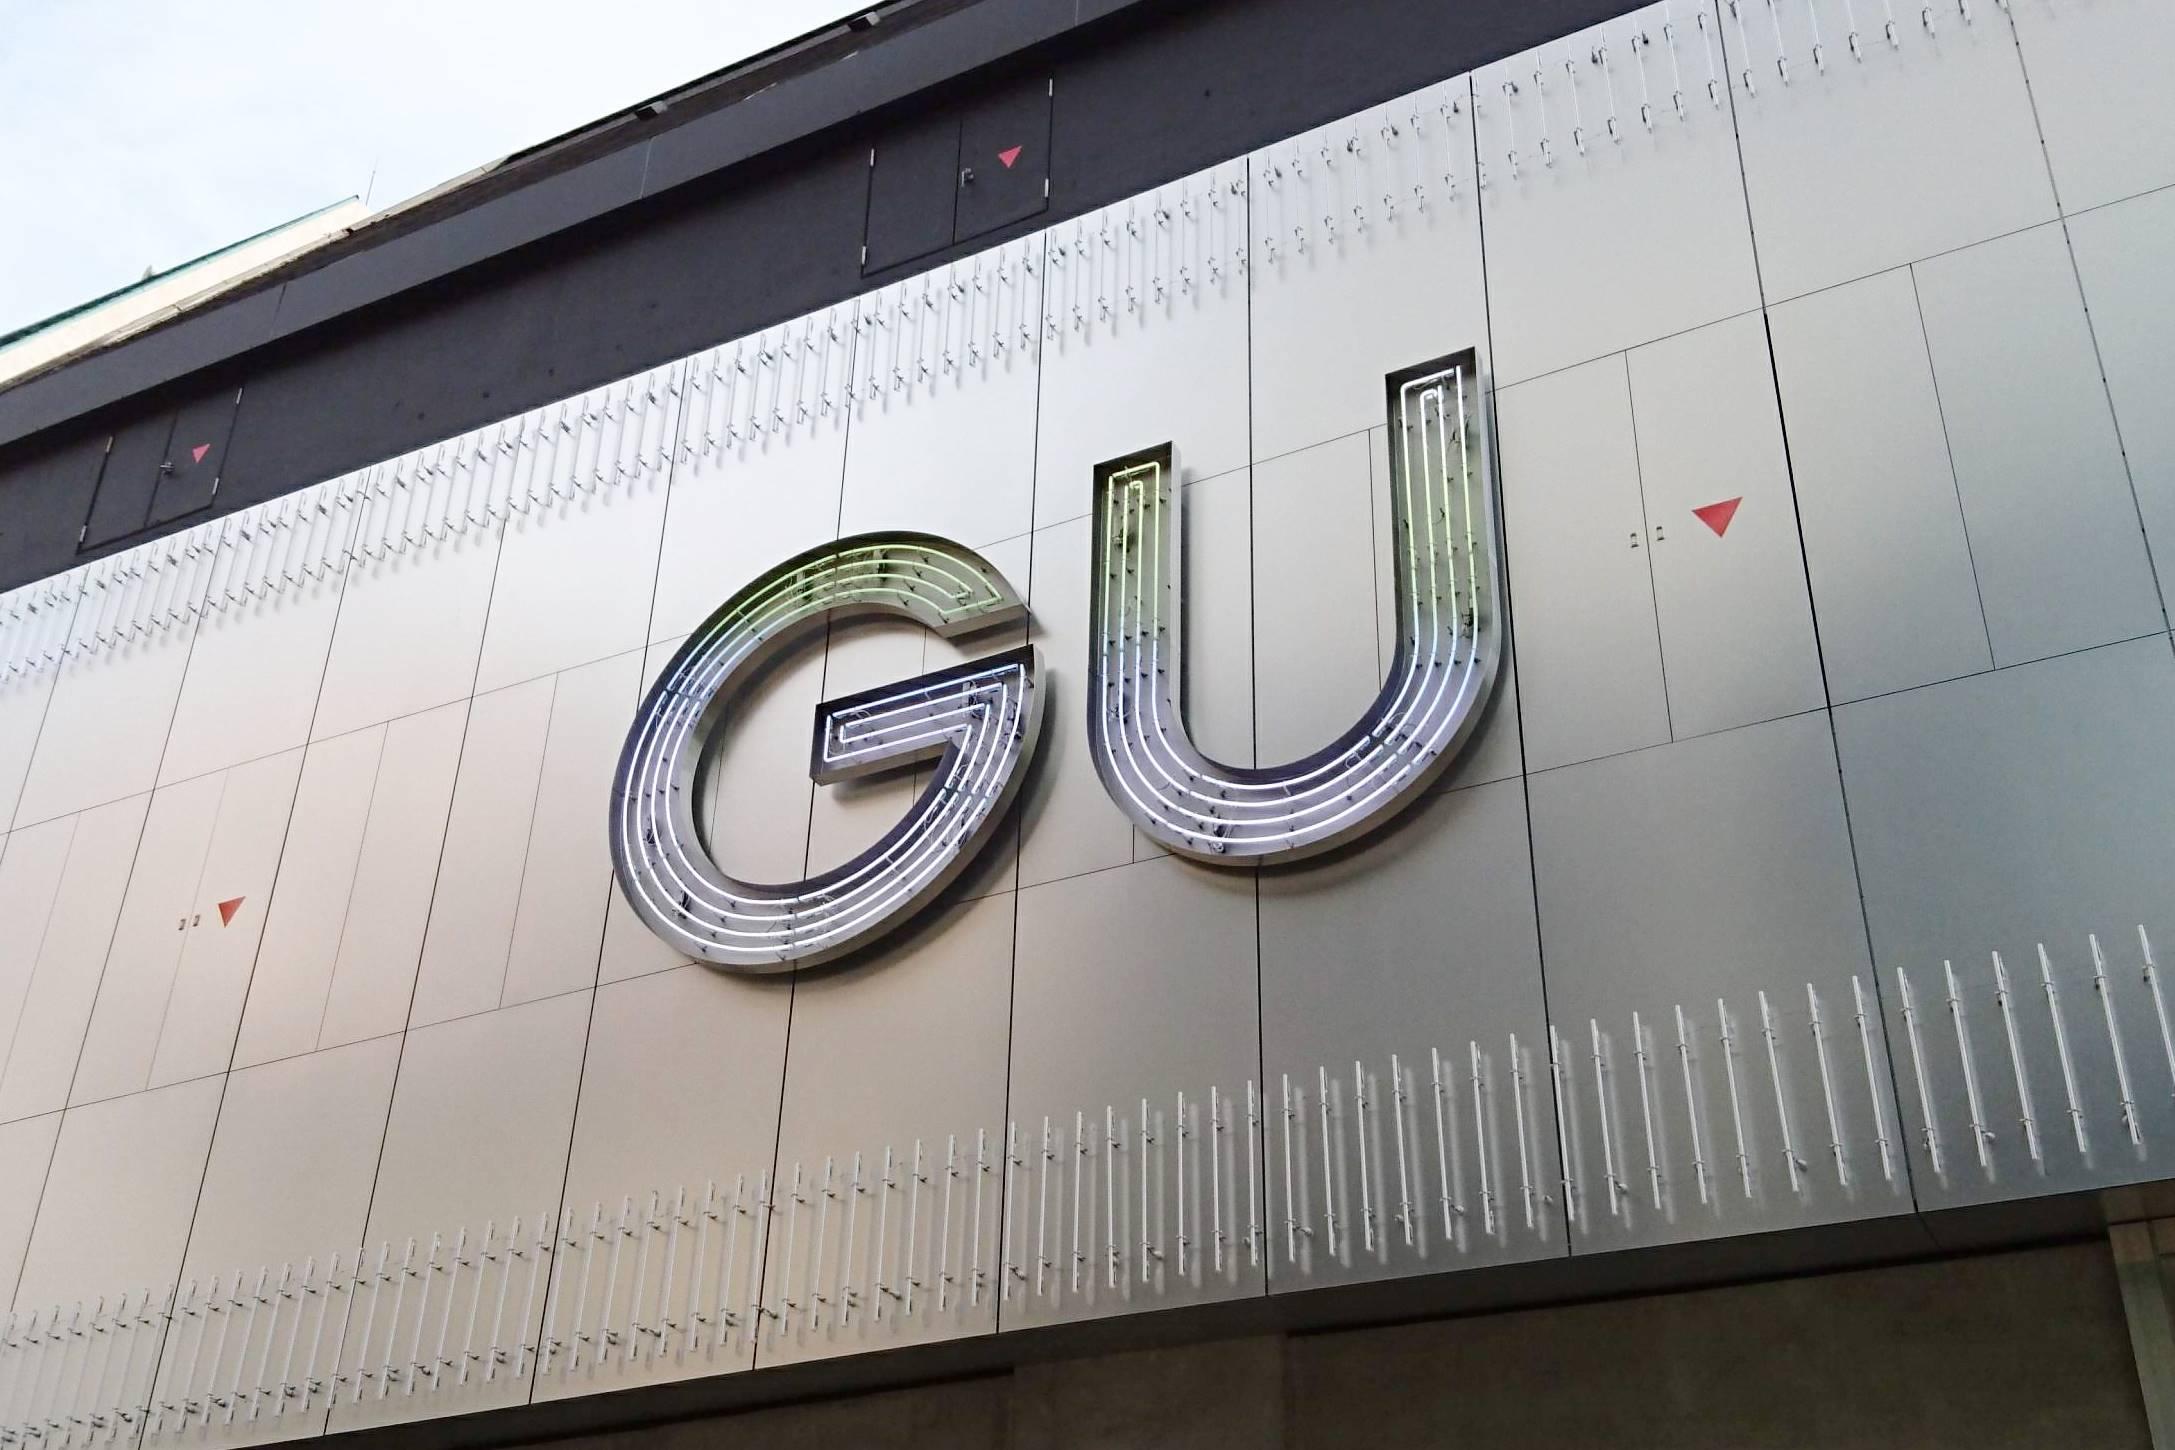 【GU】夏のお出かけが楽しくなる♪主役級「シューズ」コーデ4選